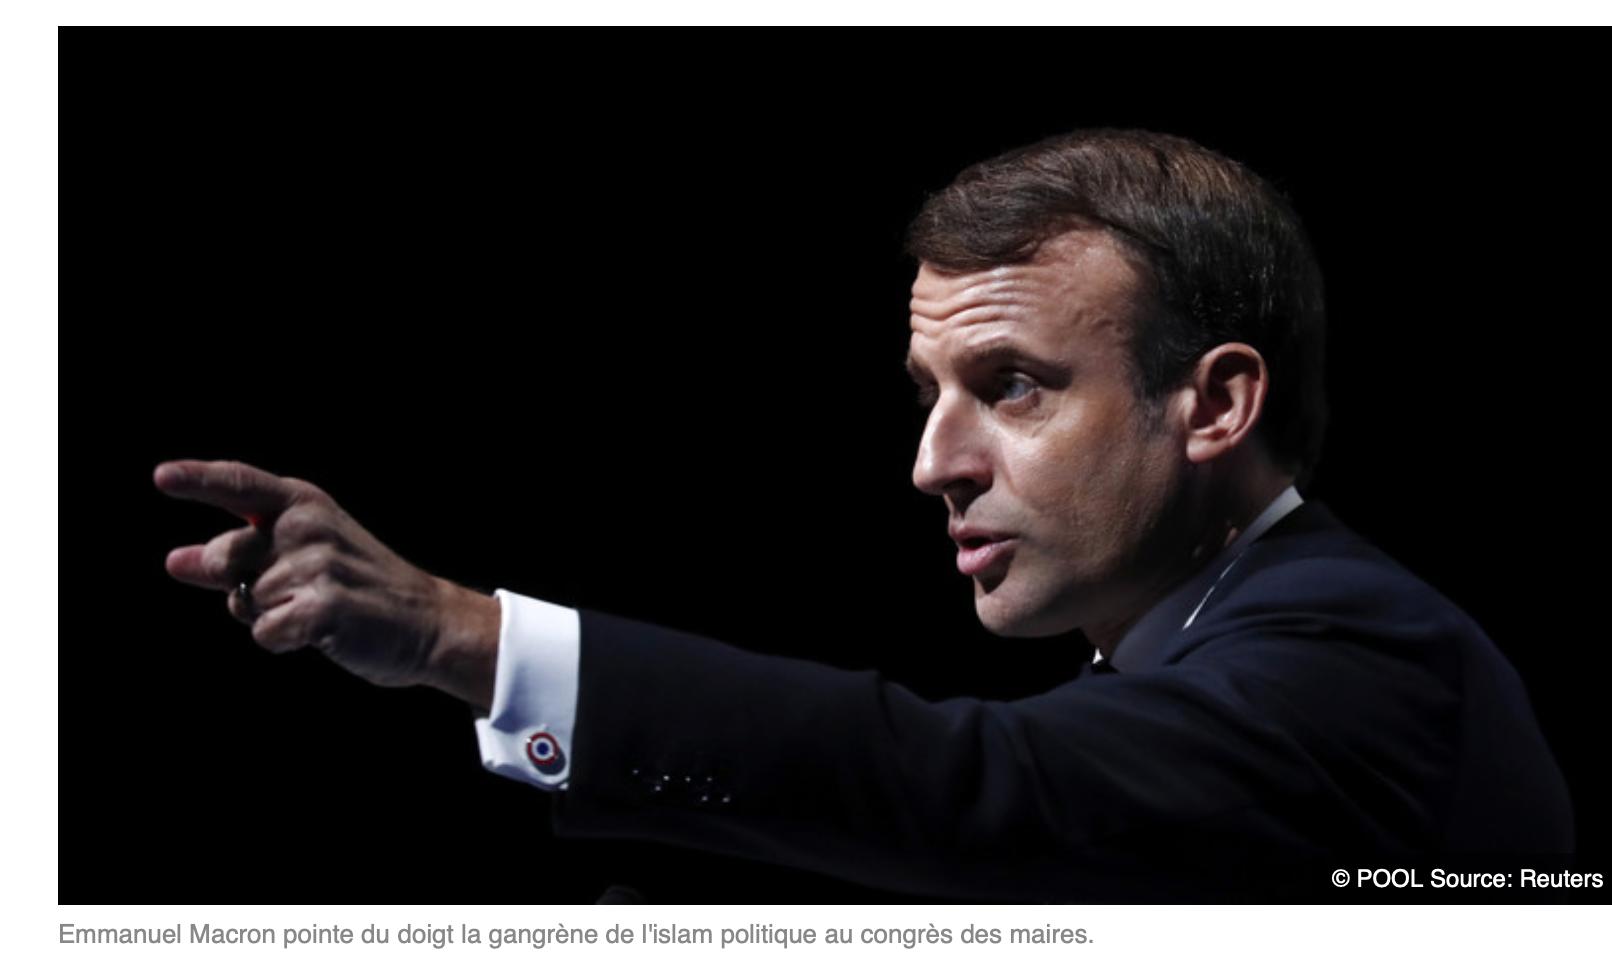 Pendant le discours vide de Macron sur le communautarisme, des Maires ont quitté la salle par dizaines